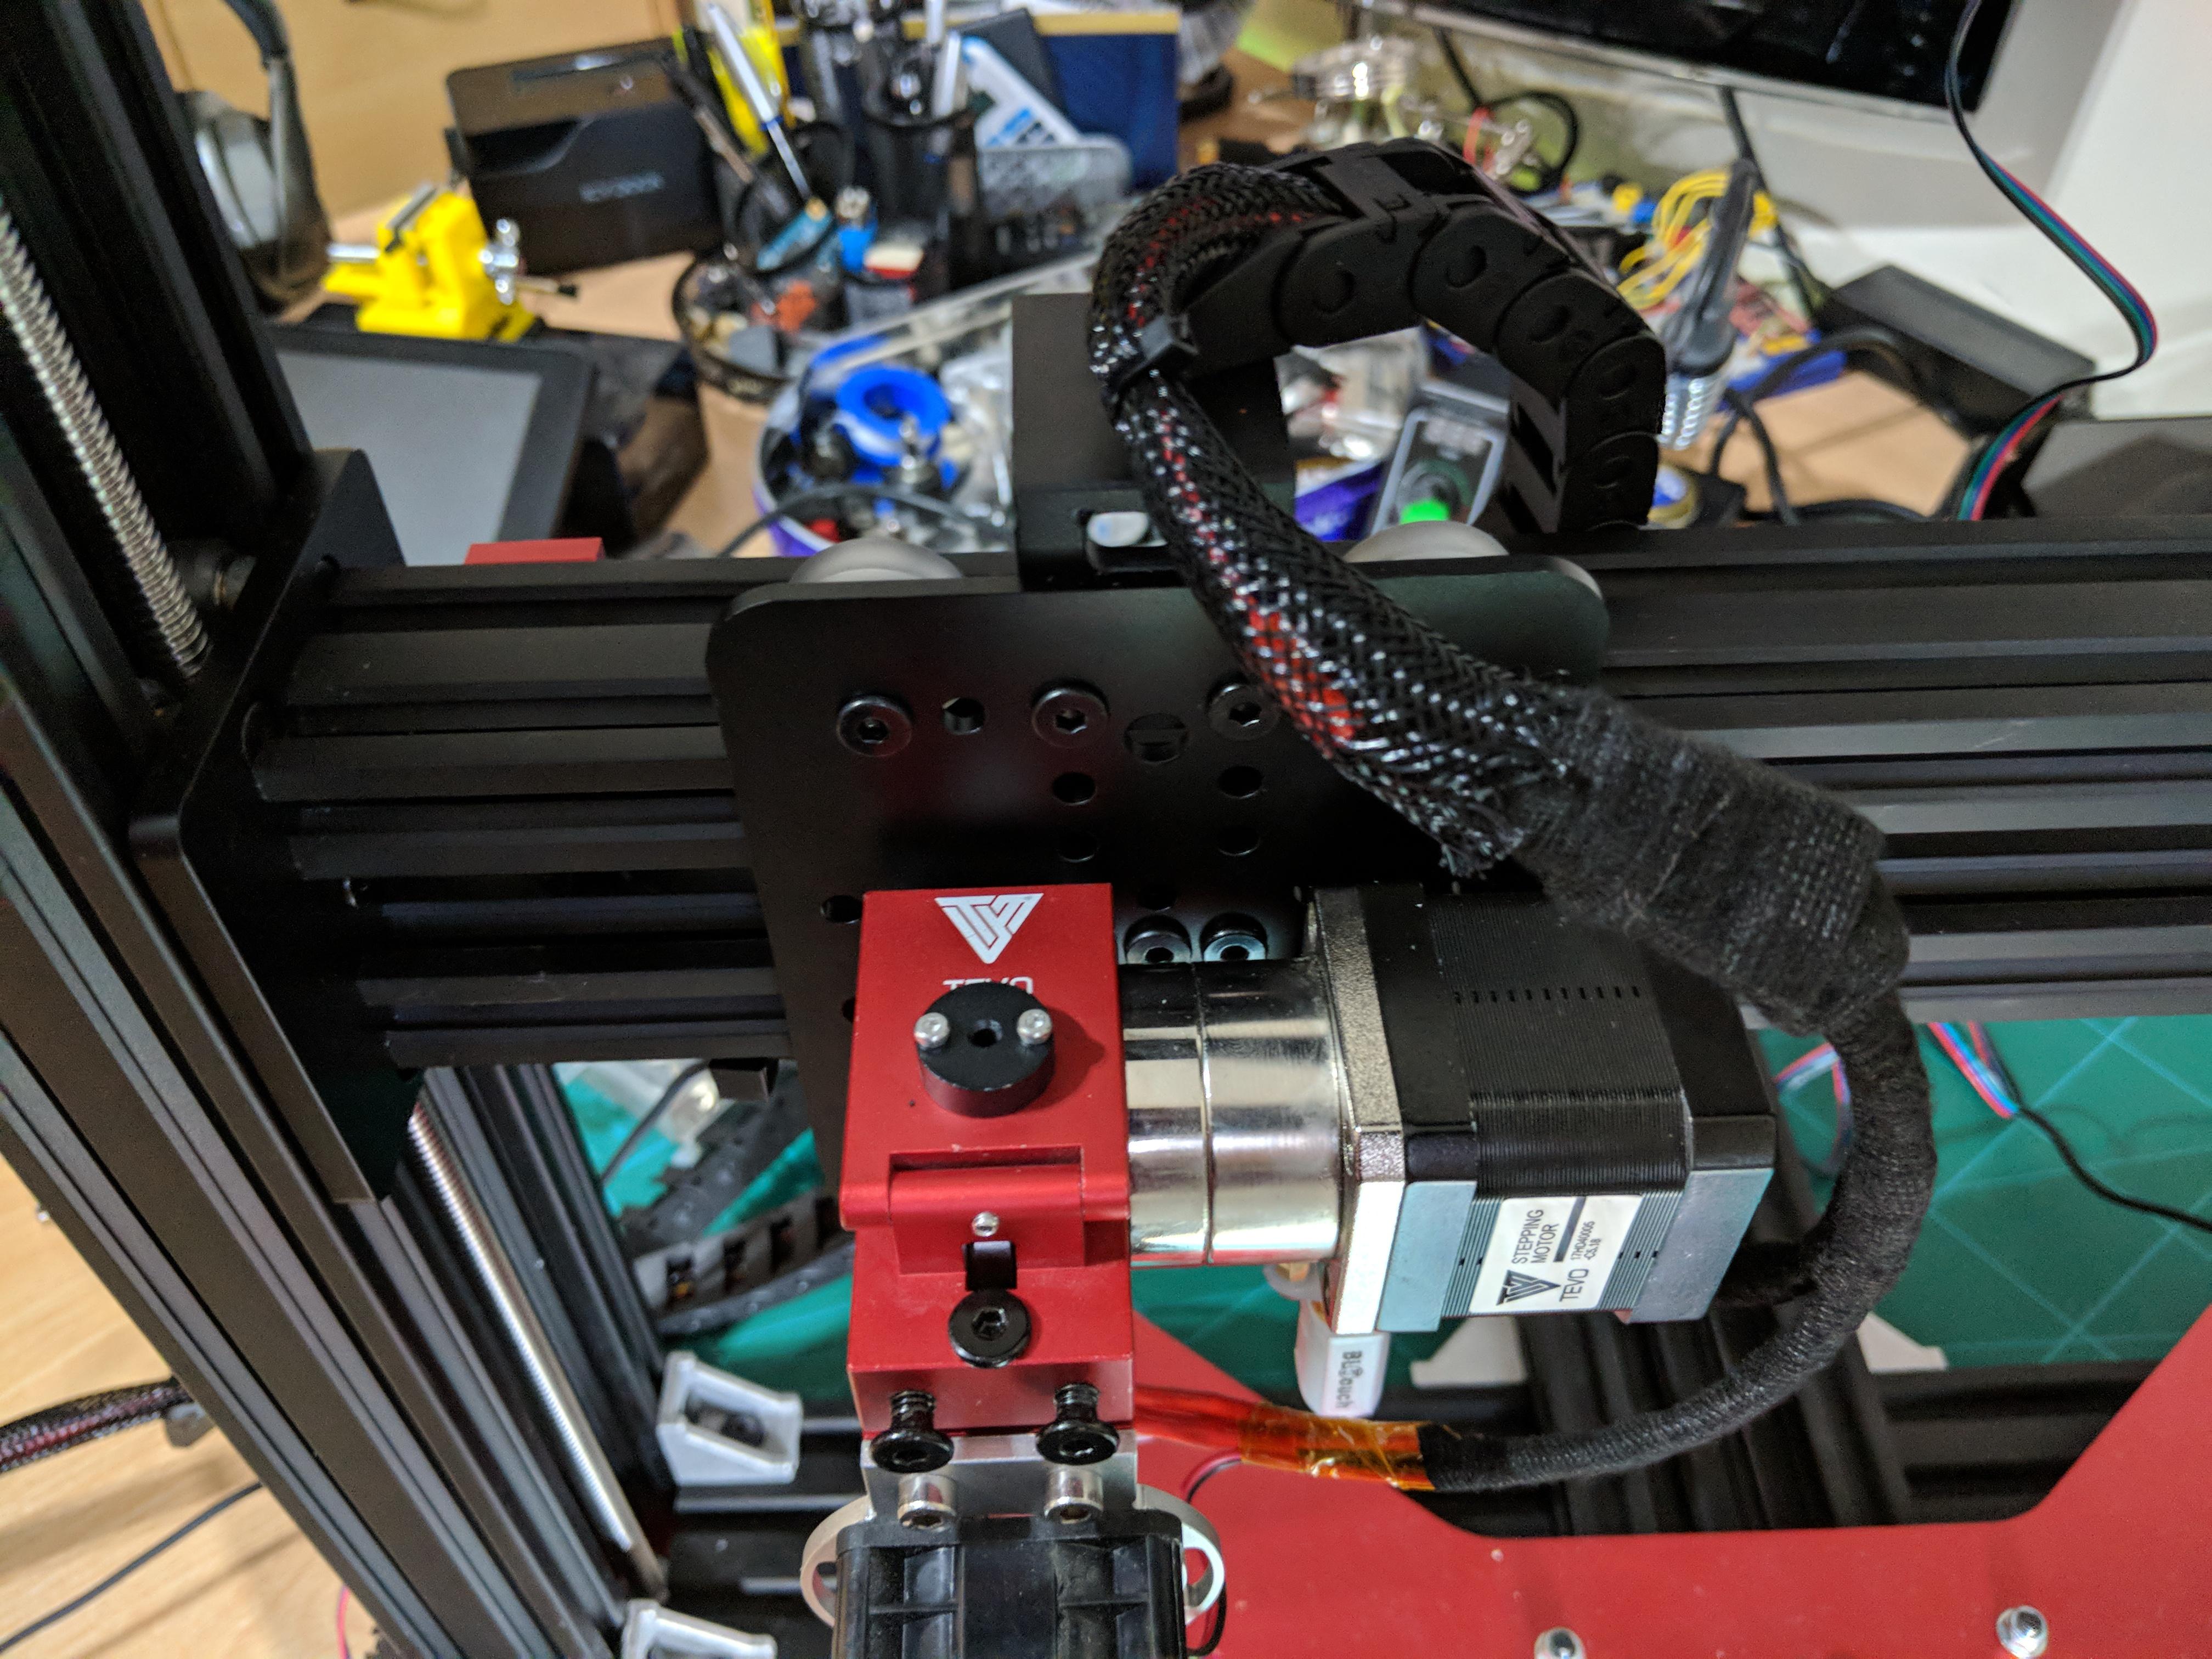 Maker:0x4c,Date:2017-9-29,Ver:4,Lens:Kan03,Act:Lar01,E-ve